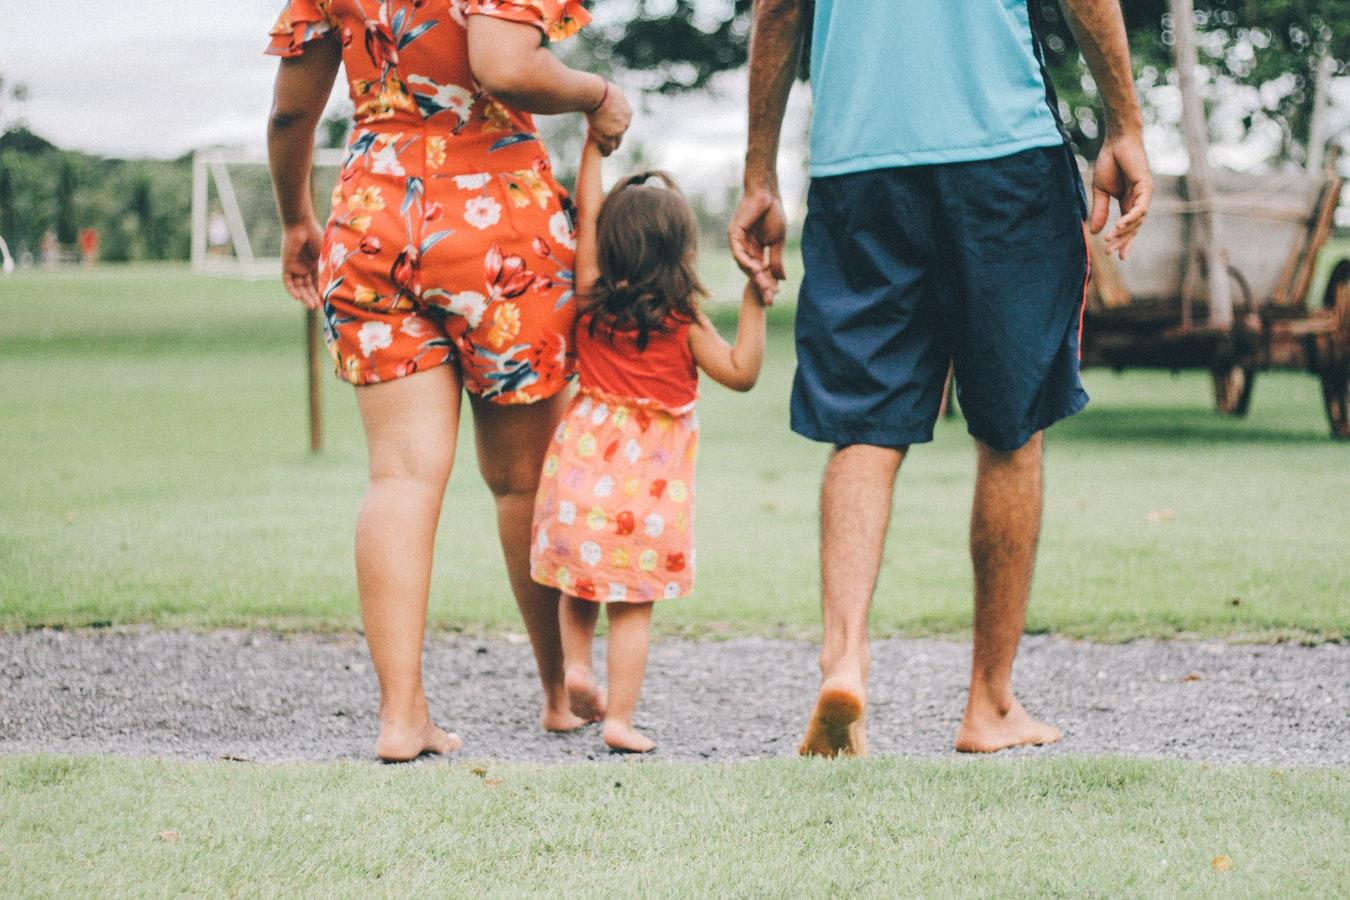 Μάθημα: γονιός αναντικατάστατος